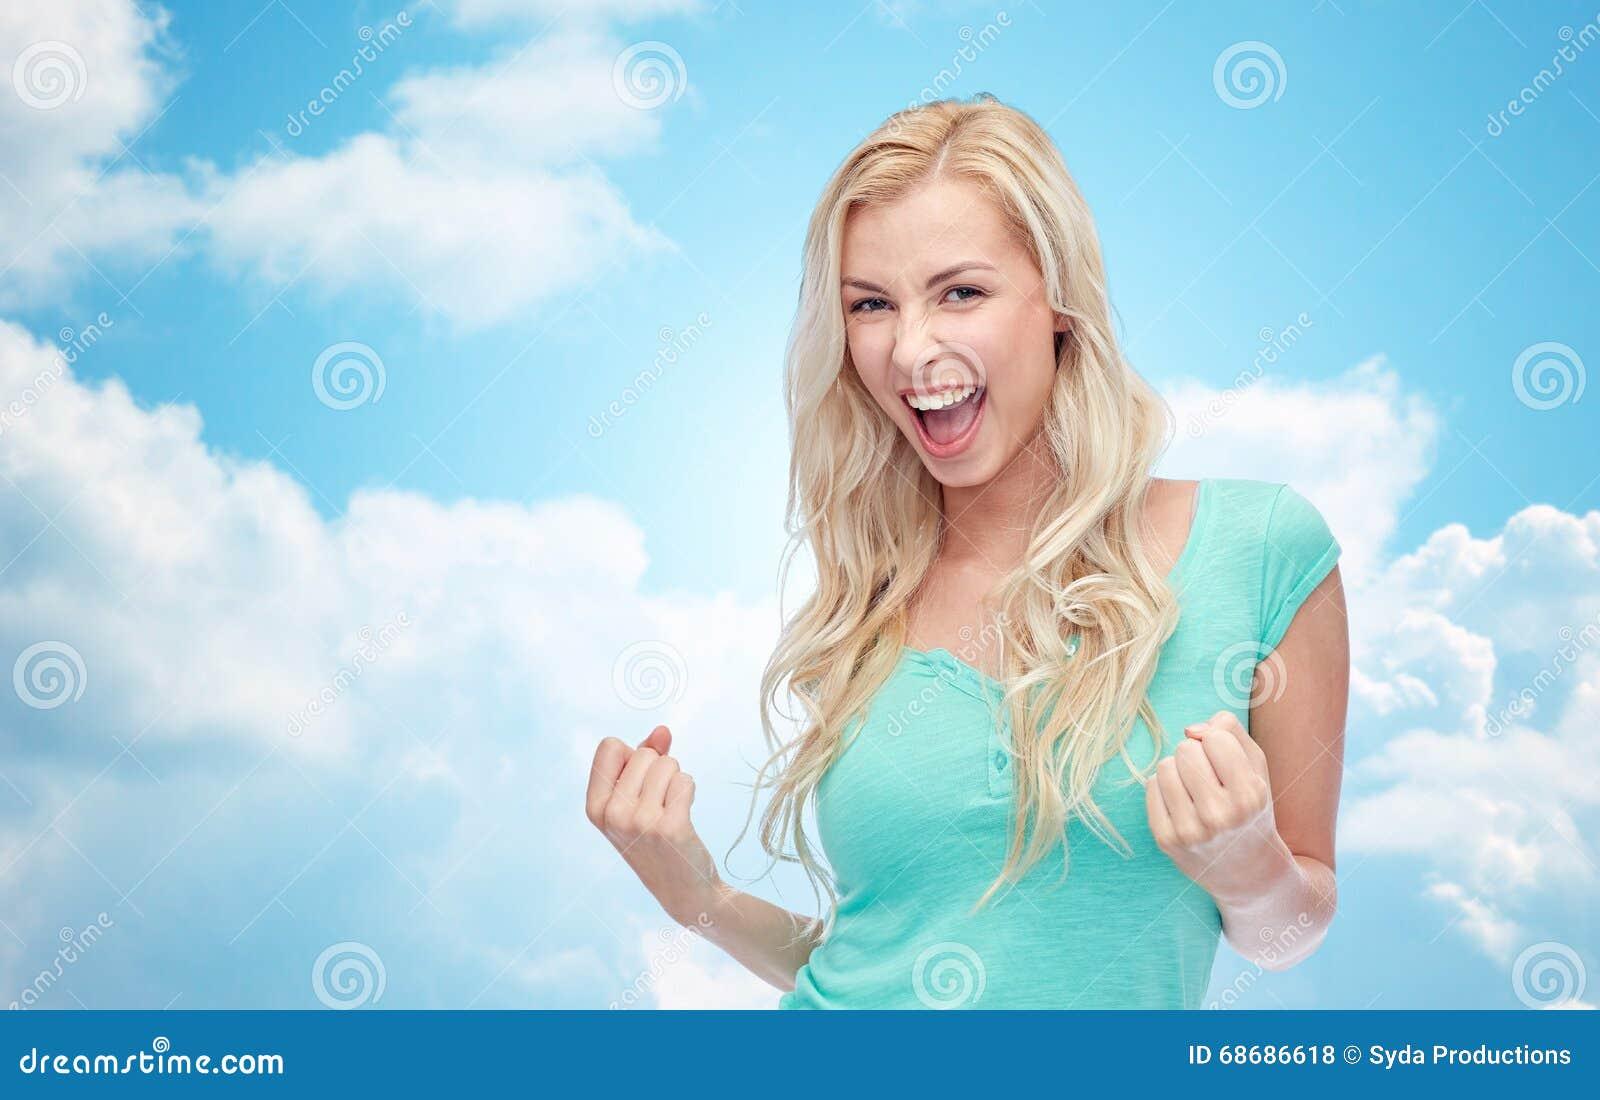 Imagens De Stock Jovem Mulher Feliz Ou Menina Adolescente Que Comemoram Vitória